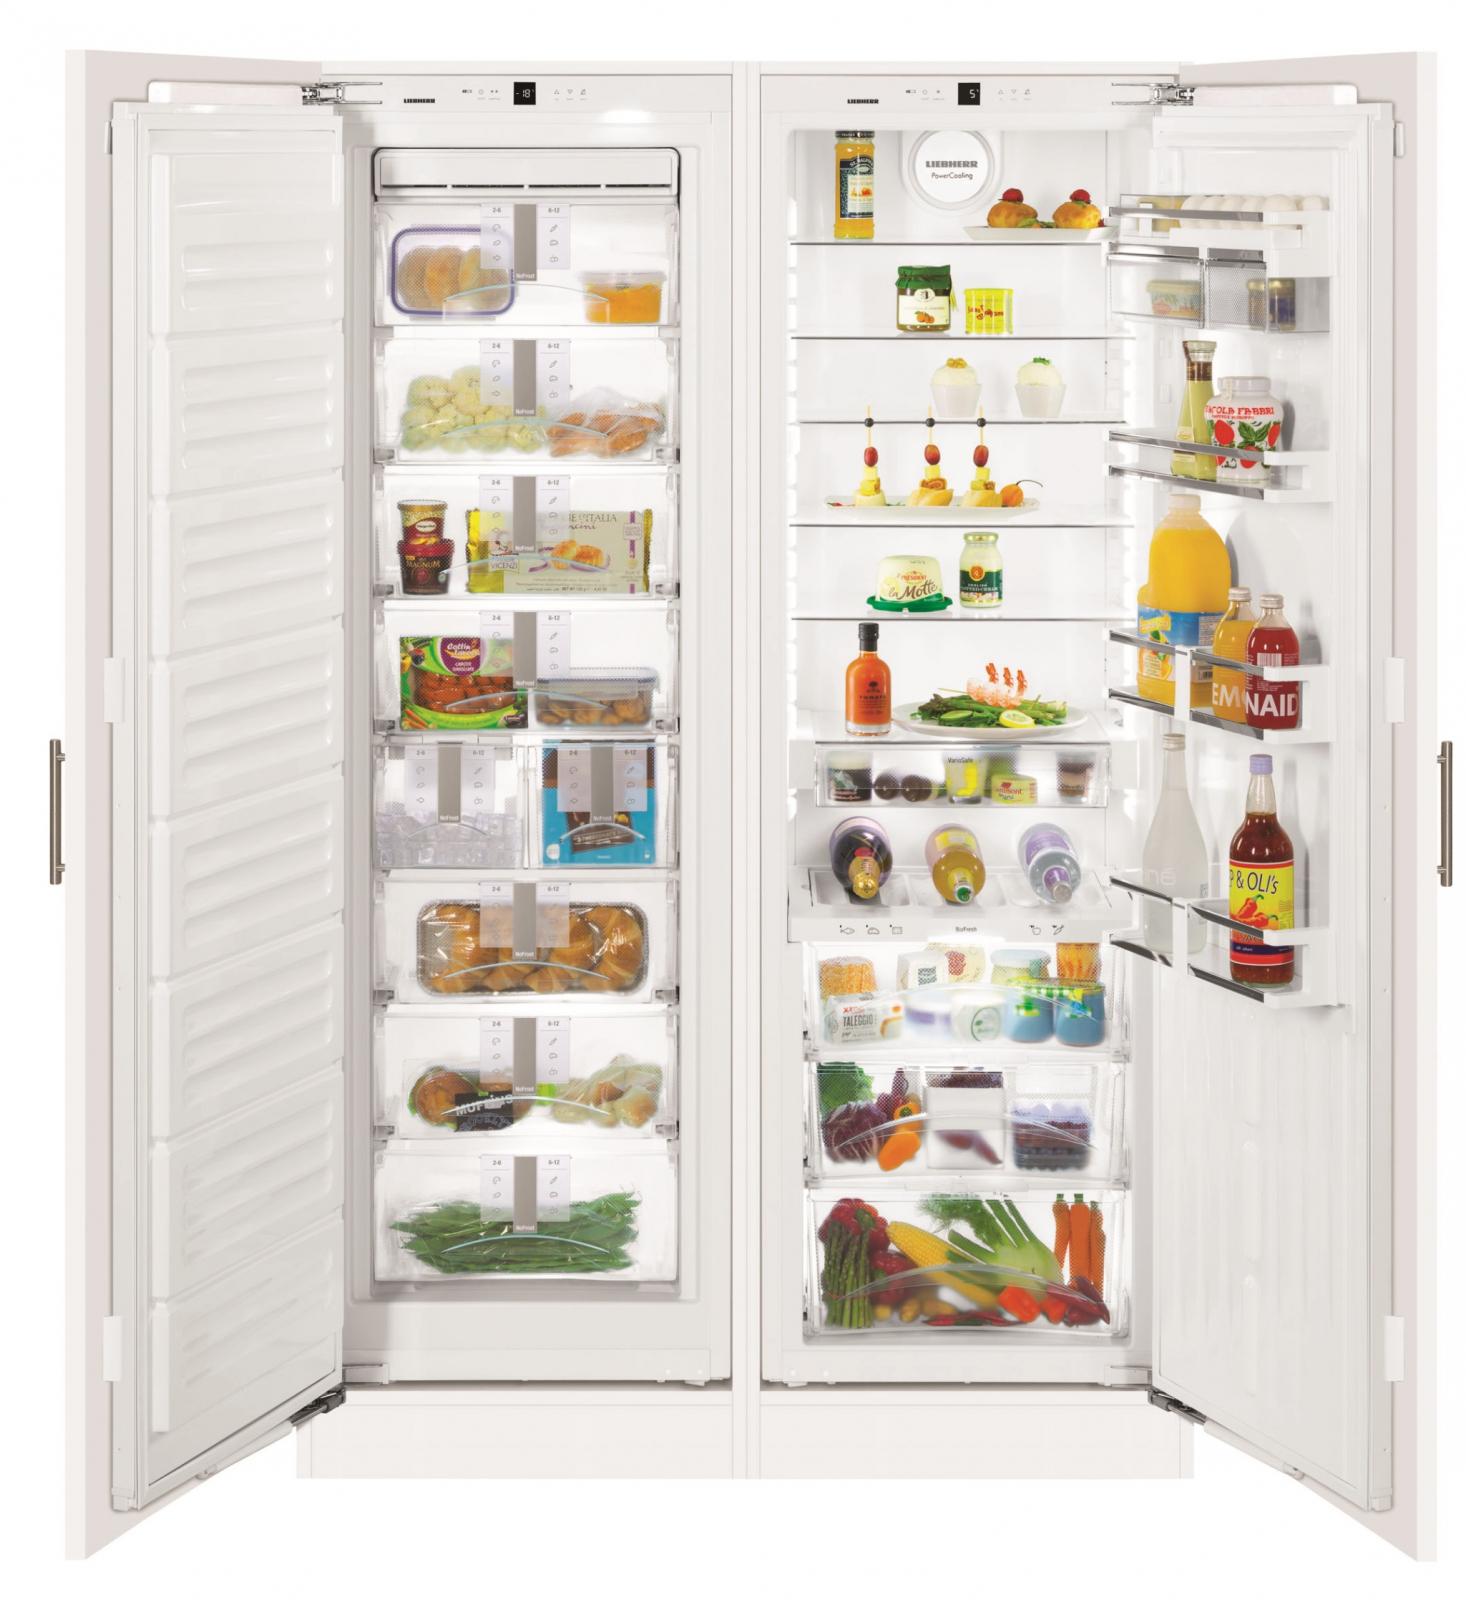 Встраиваемый холодильник Side-by-Side Liebherr SBS 70I4 22 003 купить украина